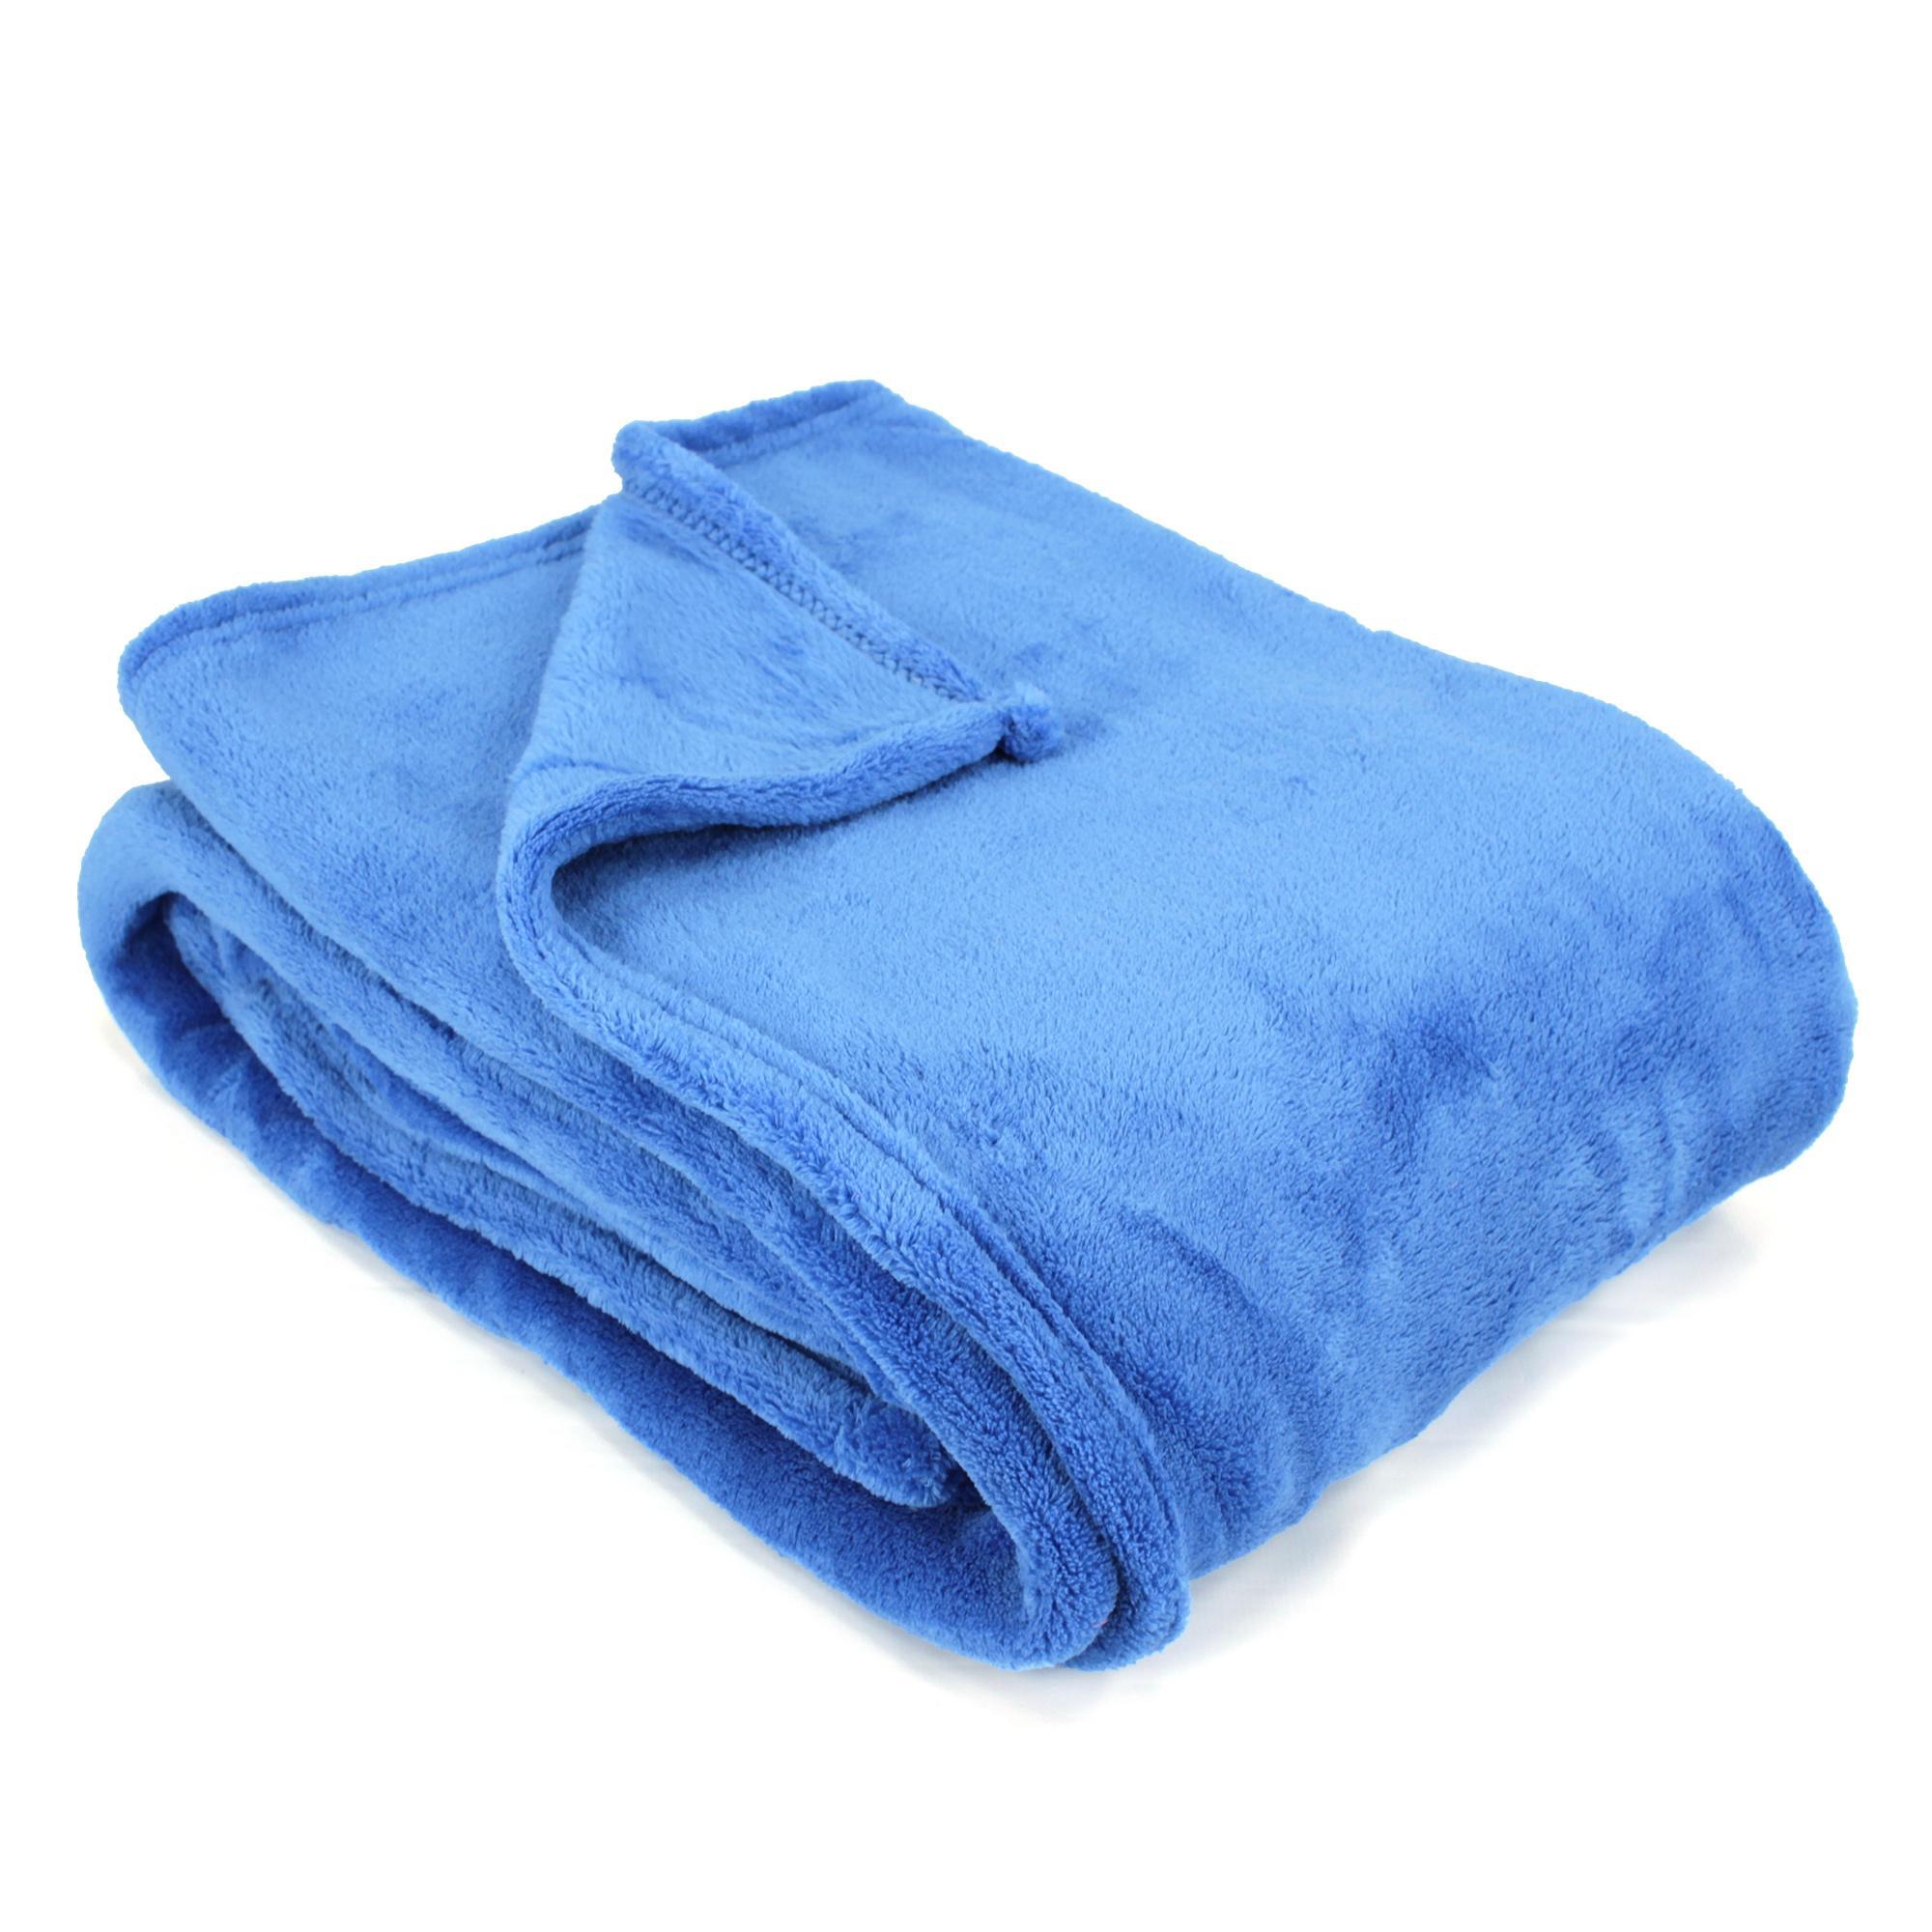 couverture apollo microfibre 220x240 cm bleu azur linnea vente de linge de maison. Black Bedroom Furniture Sets. Home Design Ideas